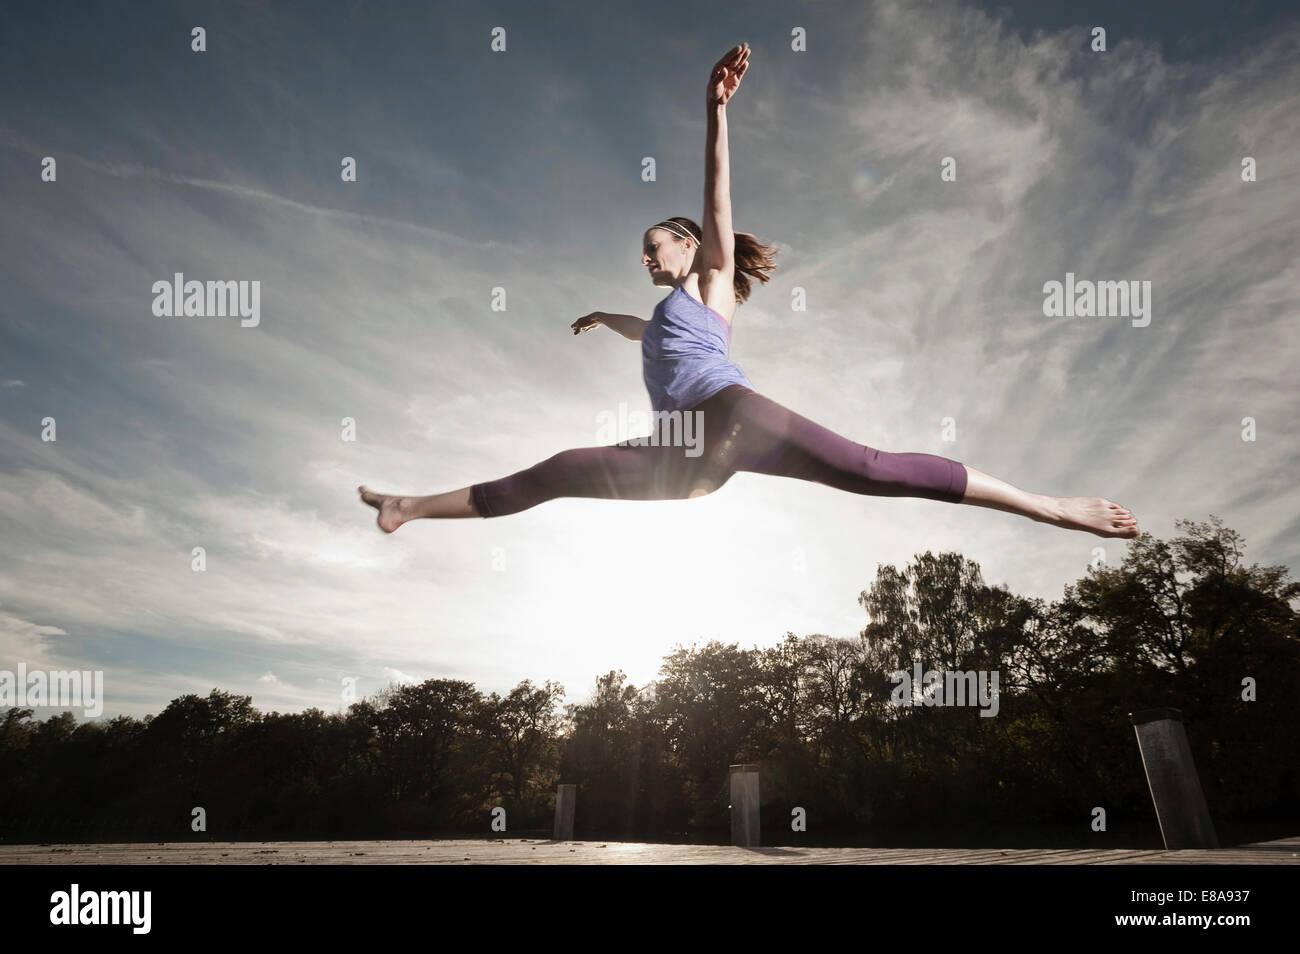 Woman jumpingmid air, Woerthsee, Bavaria, Germany - Stock Image